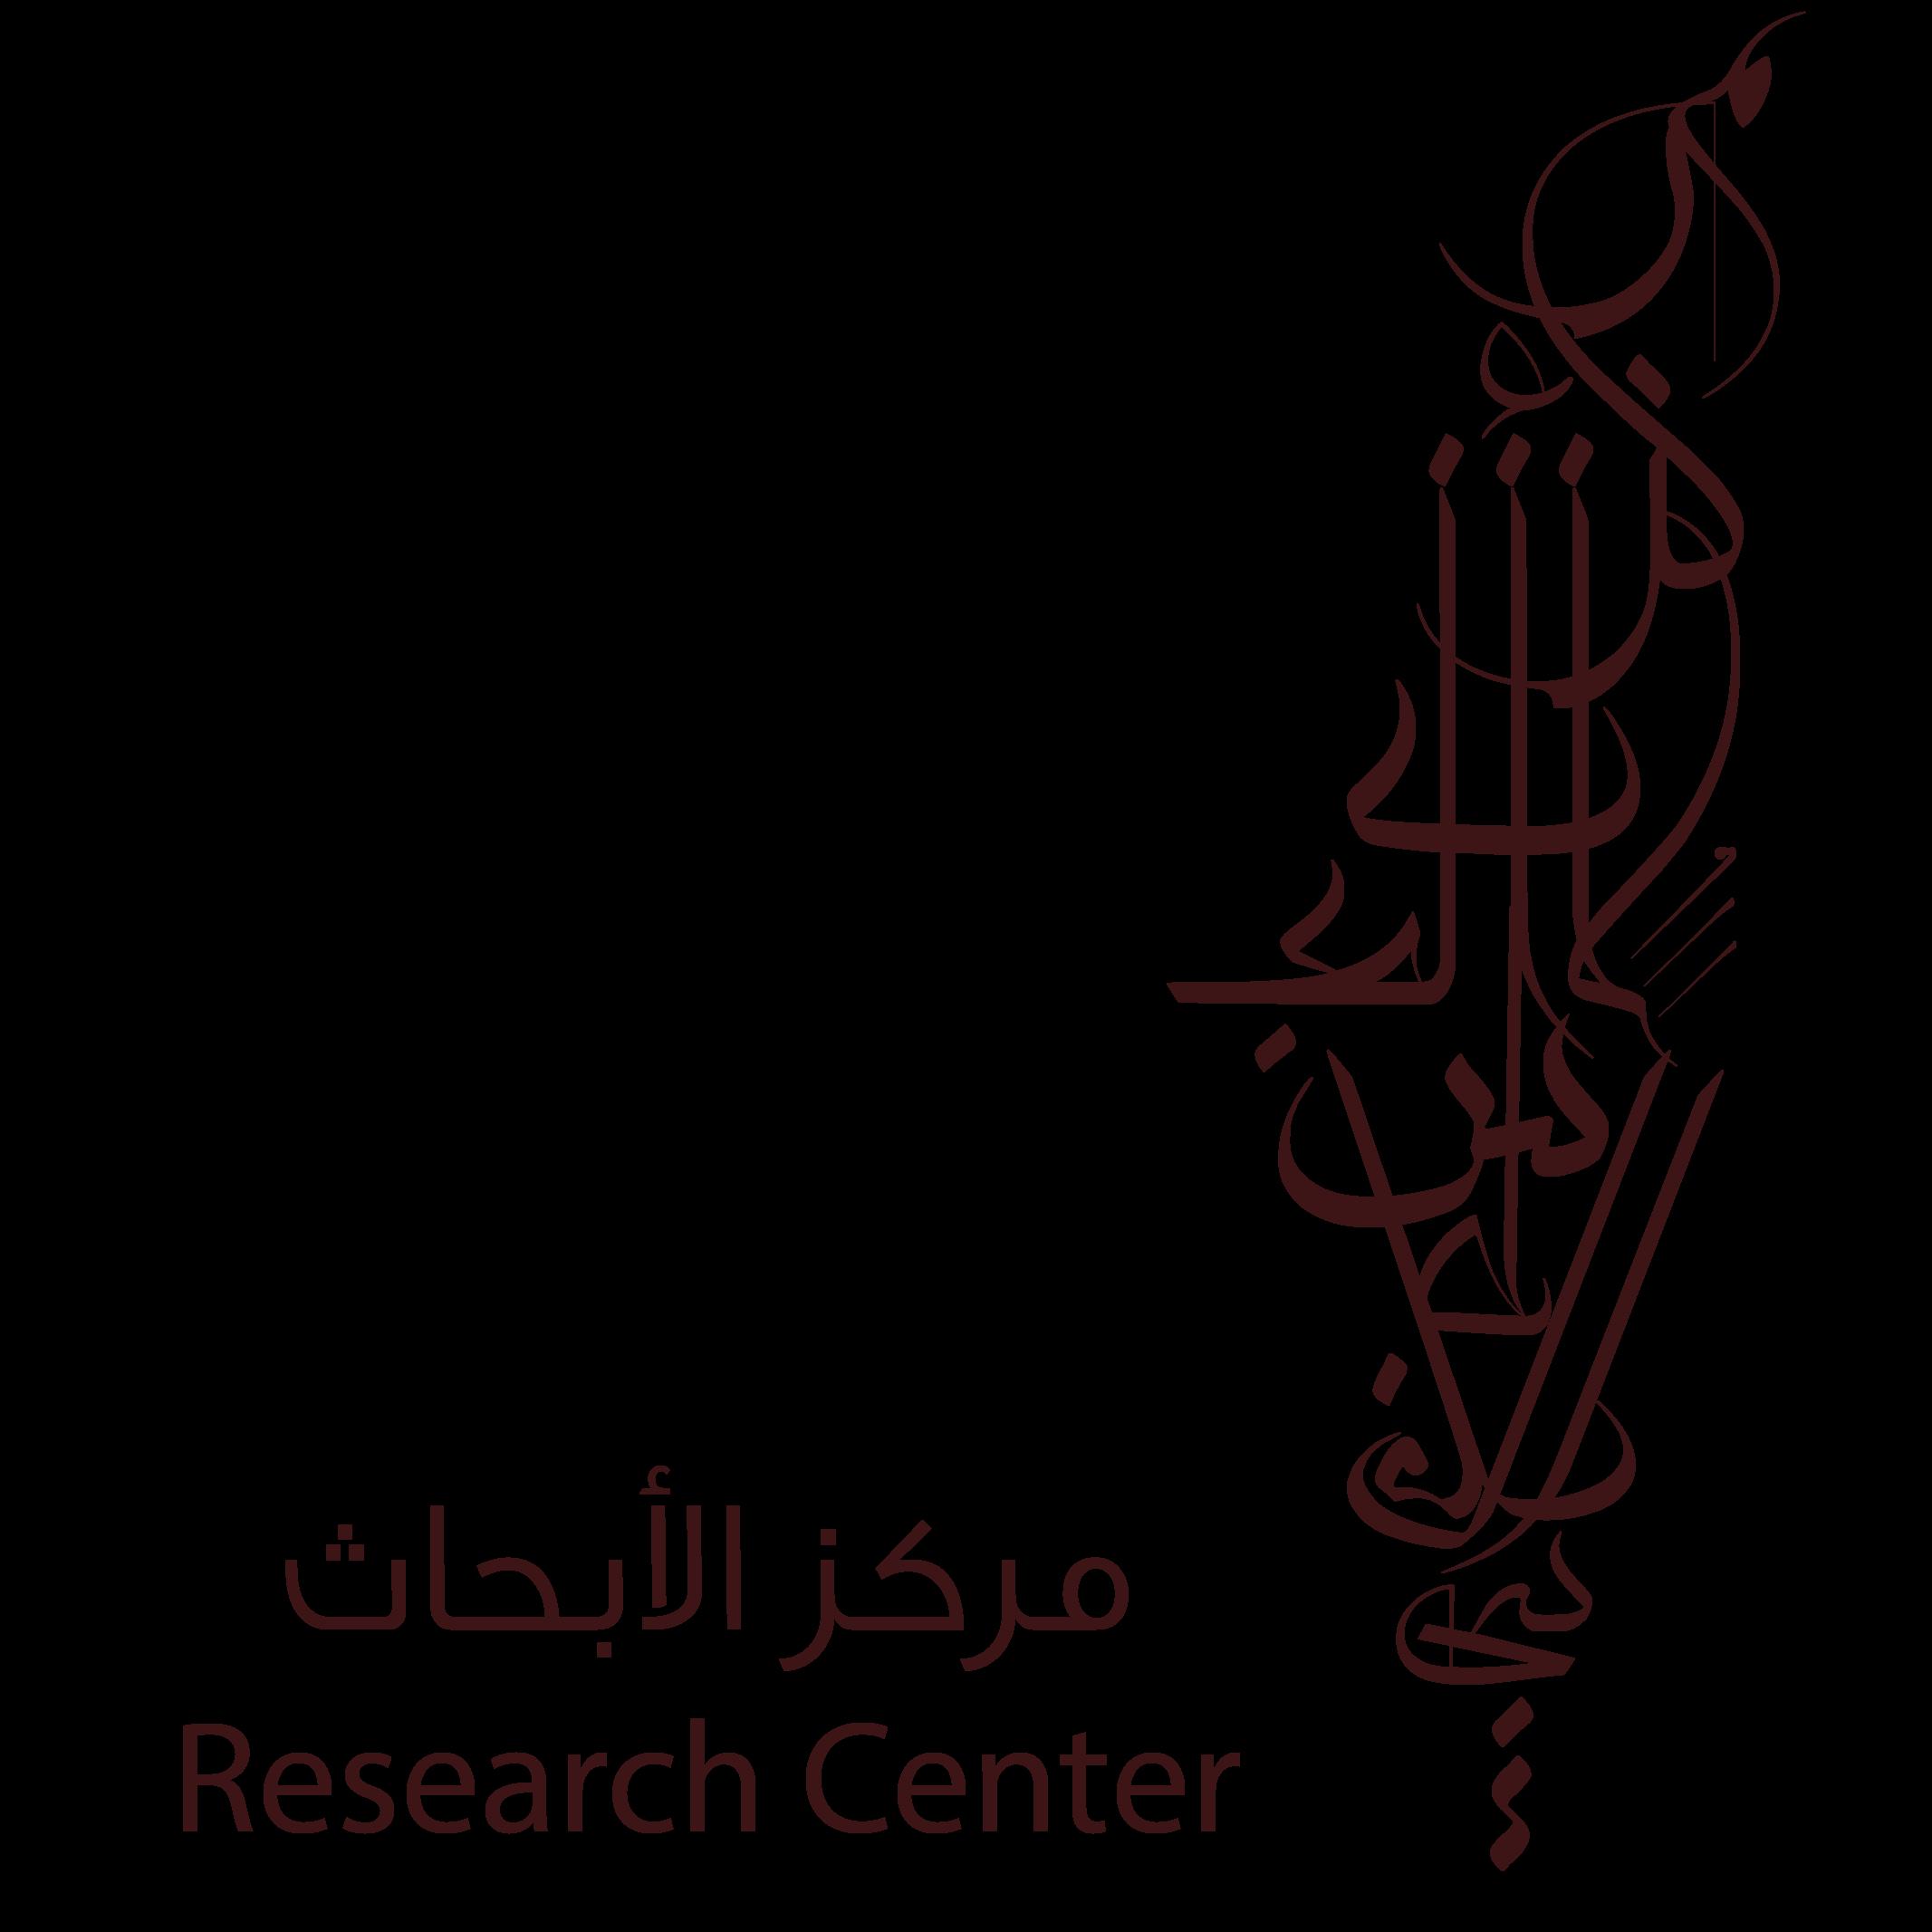 مركز الأبحاث